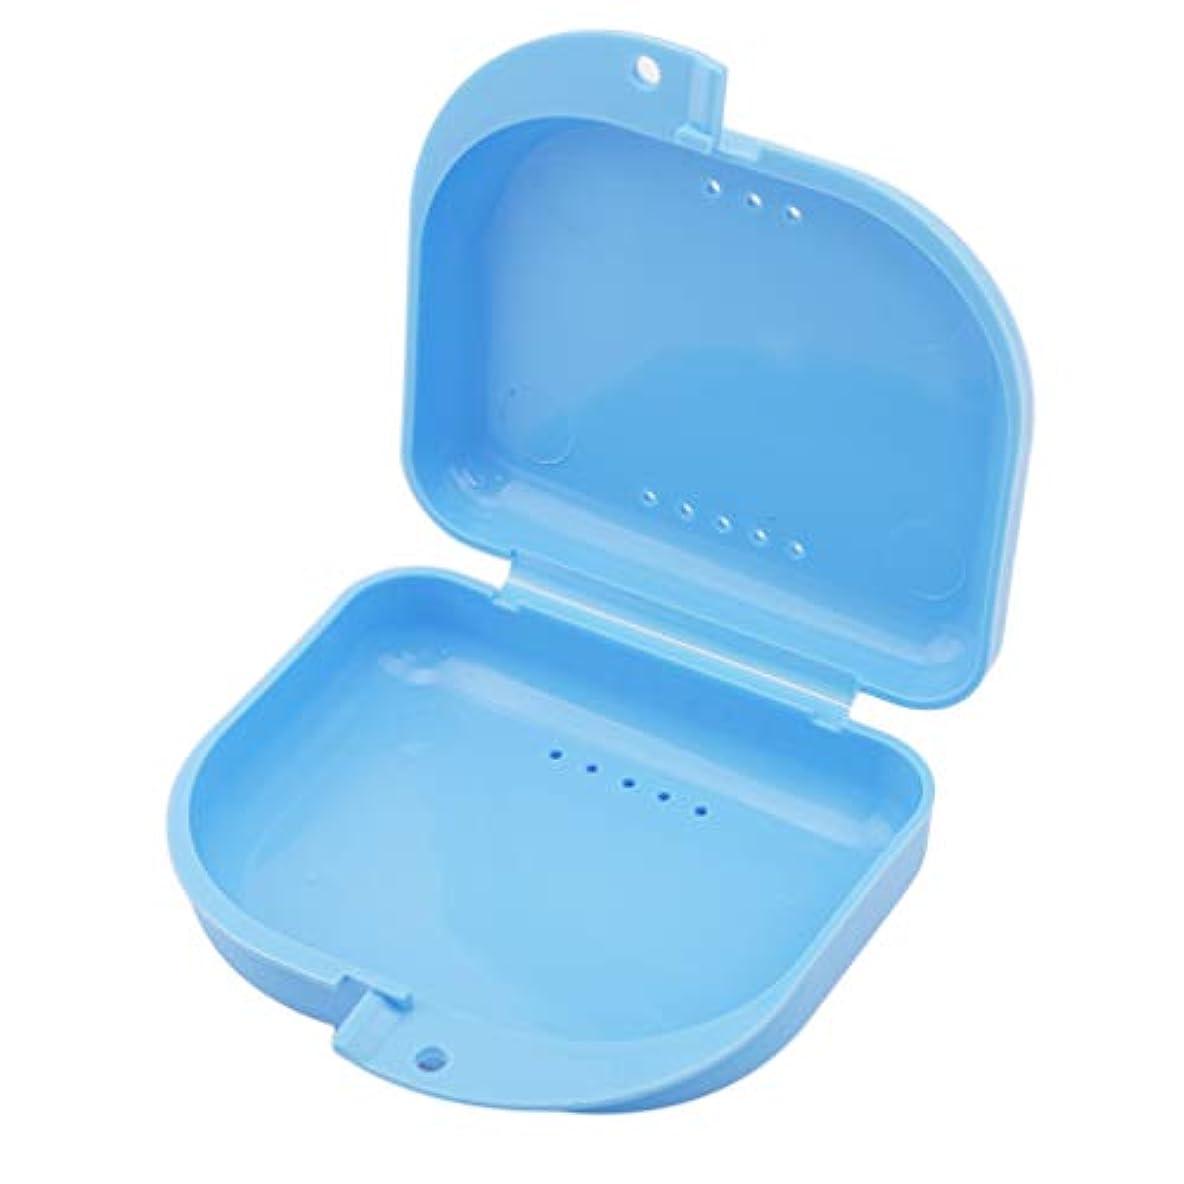 グローブふざけた無秩序BEE&BLUE 義歯ケース 義歯収納 義歯ボックス 義歯収納ケース 入れ歯のポケット 義歯収納容器 ミニ